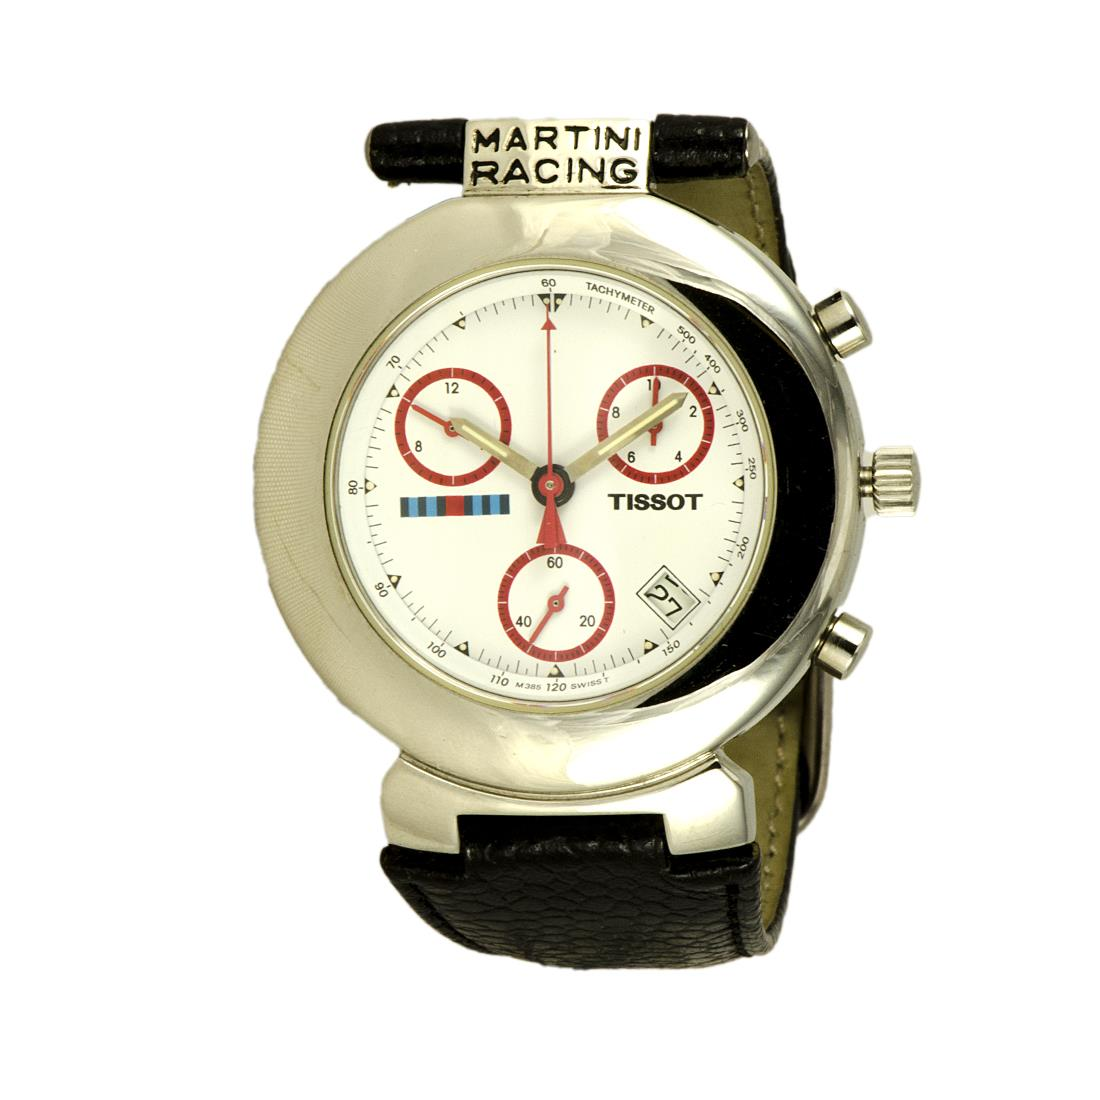 OROLOGIO MARTINI RACING - MARTINI RACING